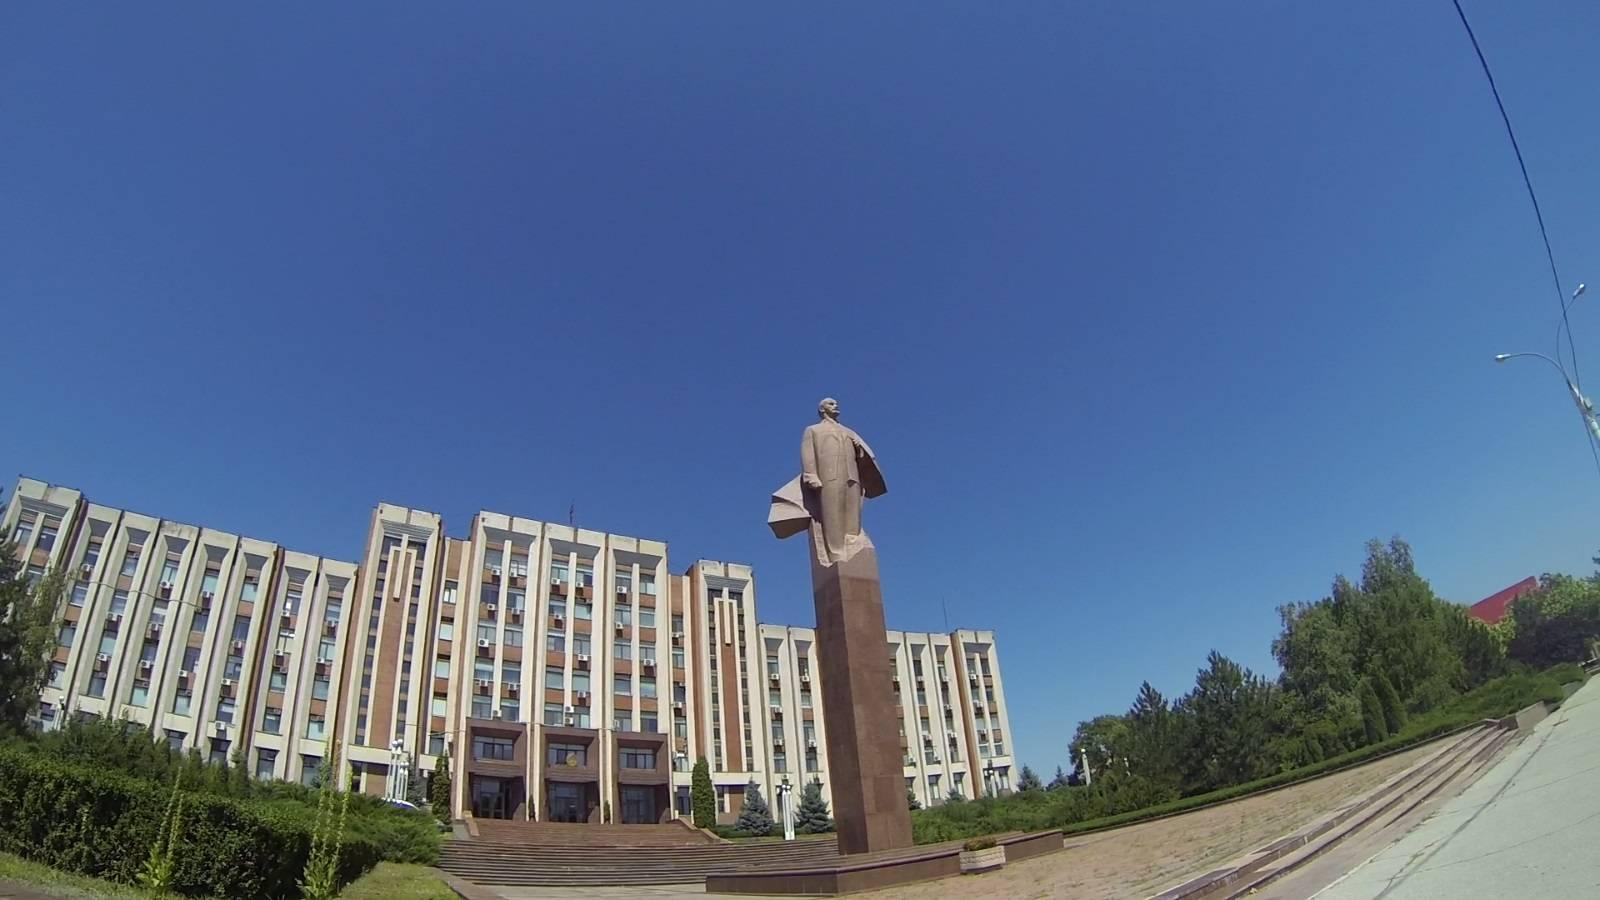 Photo 2: Tiraspol, capitale de la Transnistrie, le dernier pays d'URSS